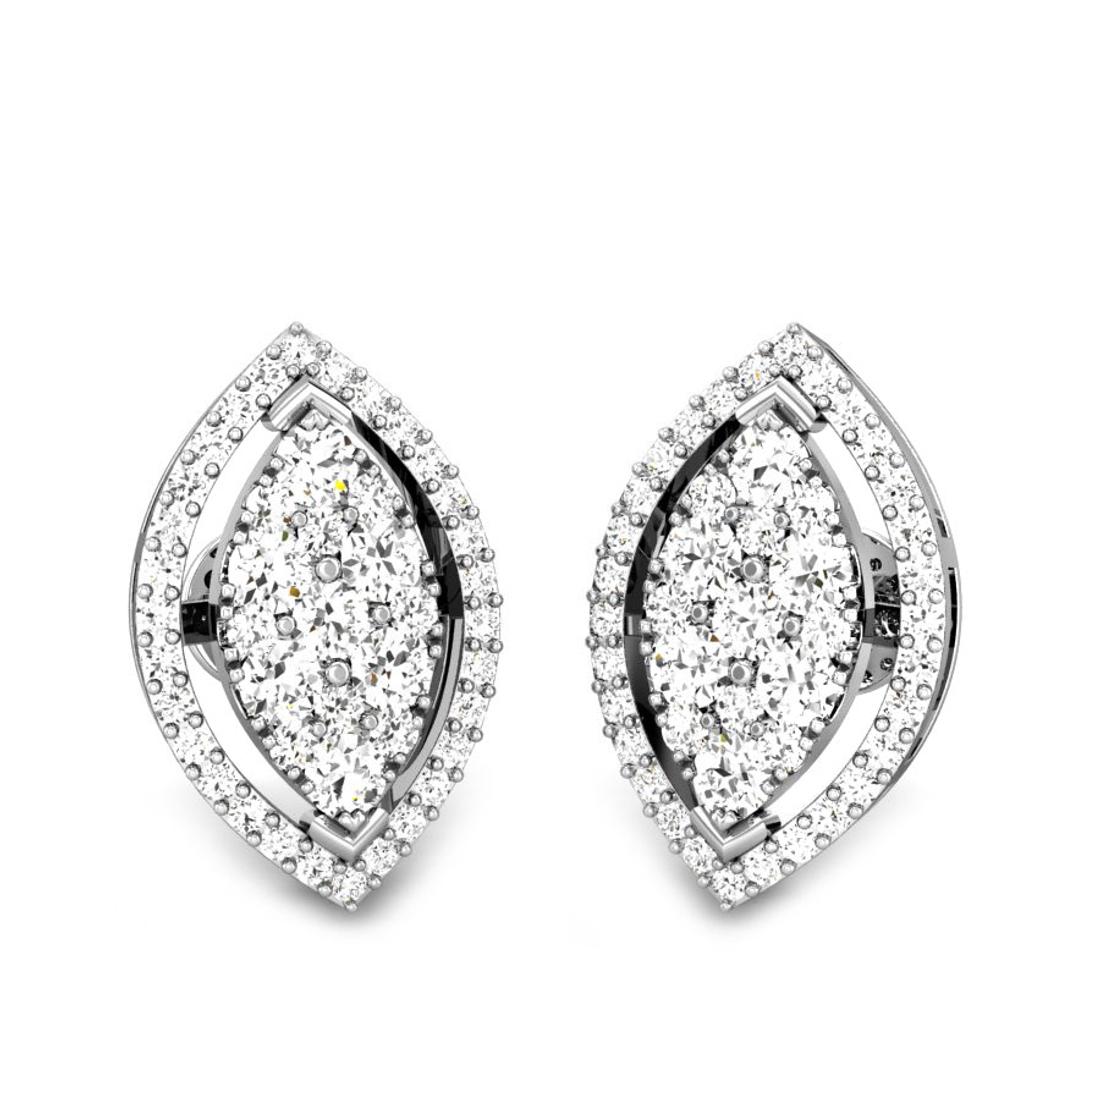 Candere by Kalyan Jewellers White Gold Kirie Ziah Diamond Earrings for Women (IGI Certified Diamonds)